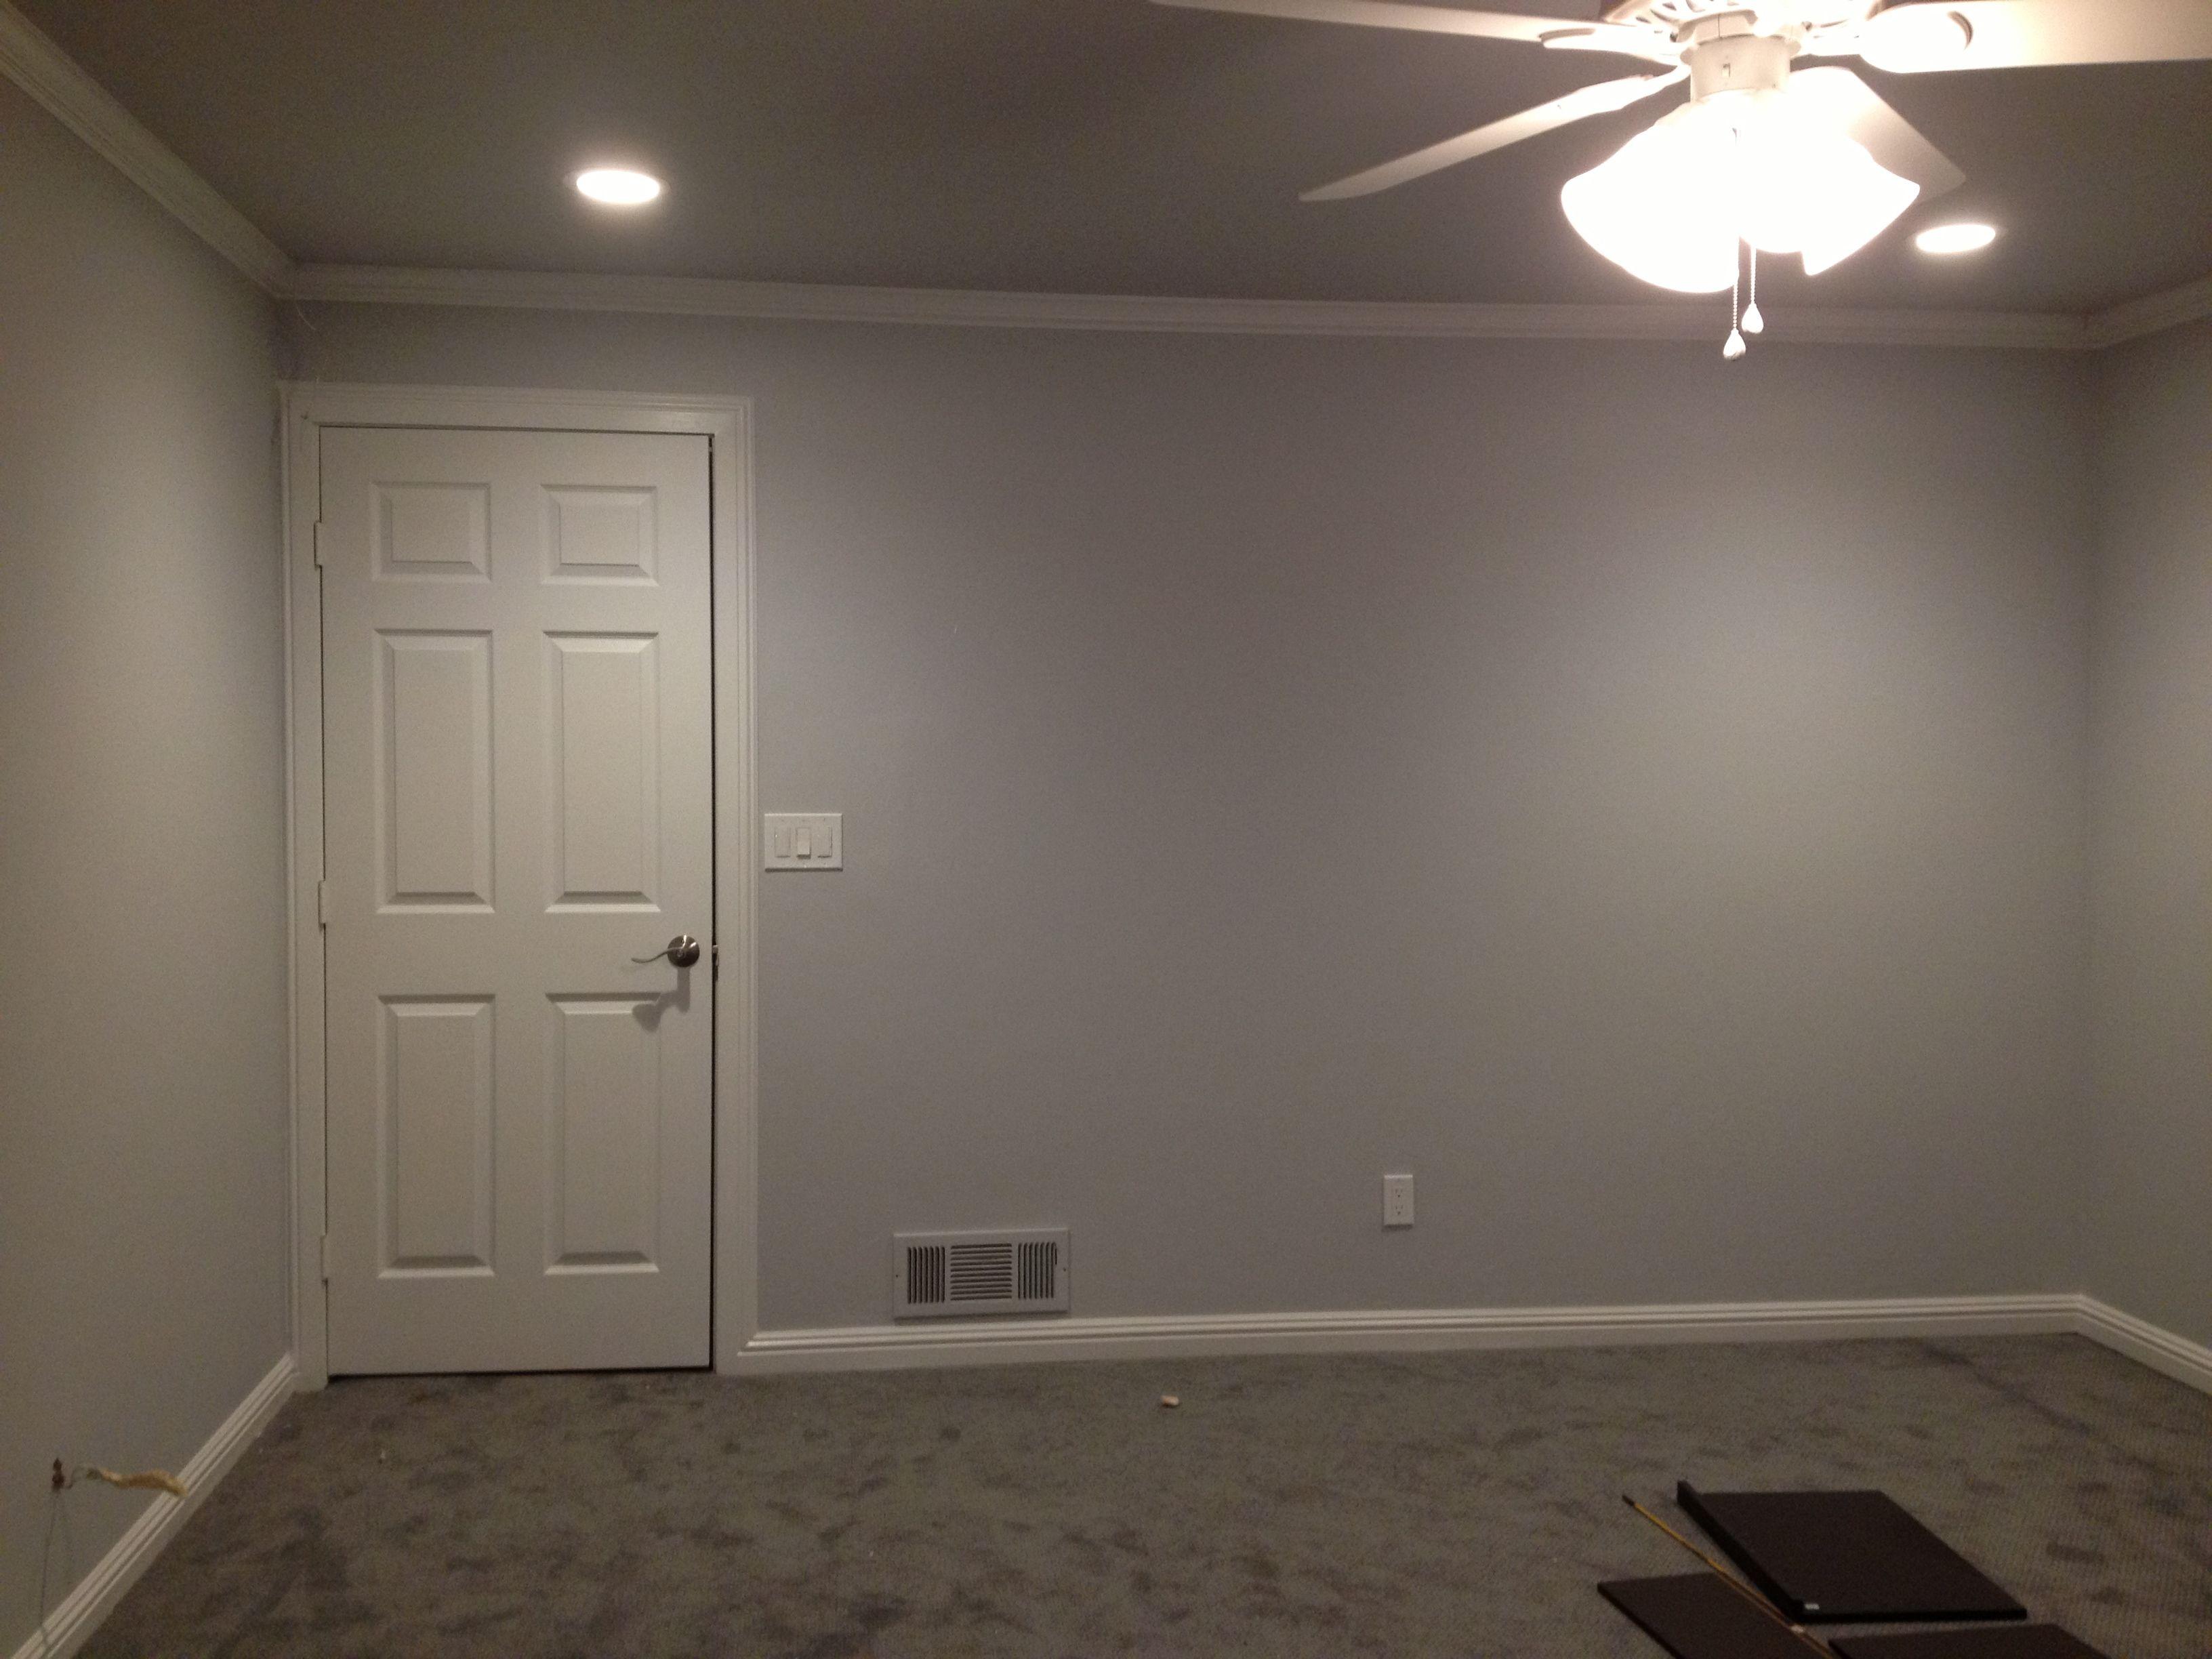 Master Bedroom In Benjamin Moore Perspective Csp 5 Trim In Wedding Veil White 2125 70